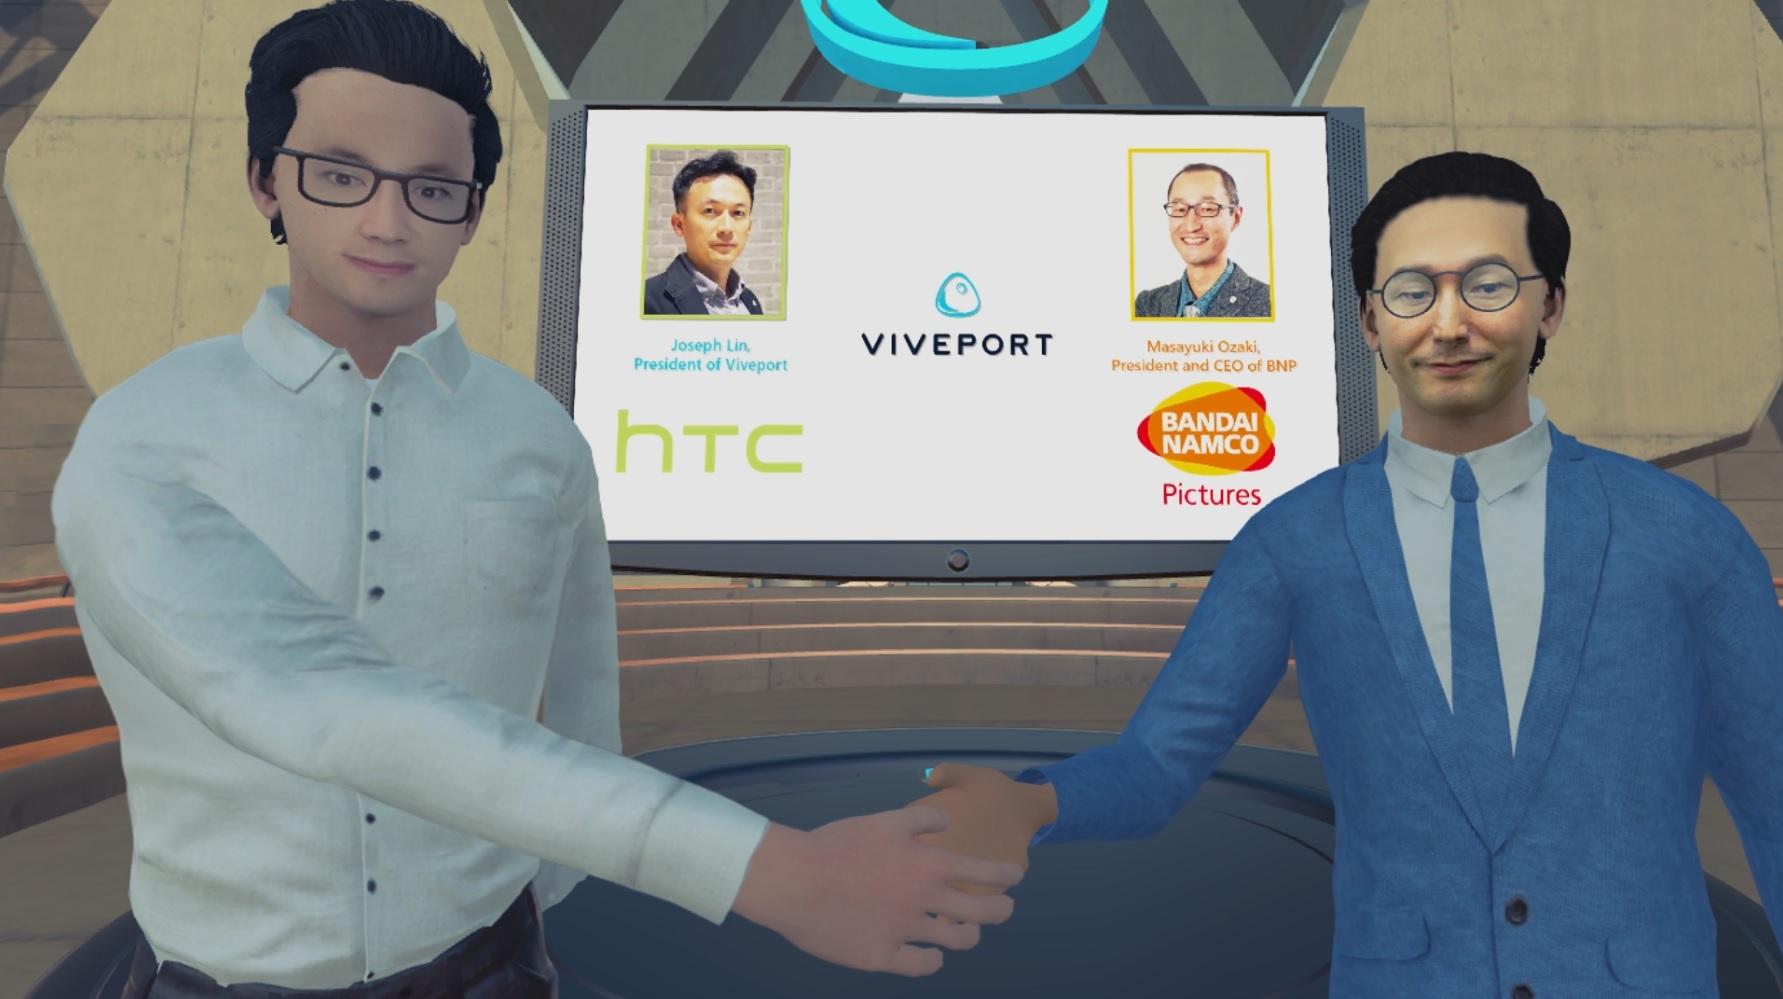 VR-Animes von Bandai Namco